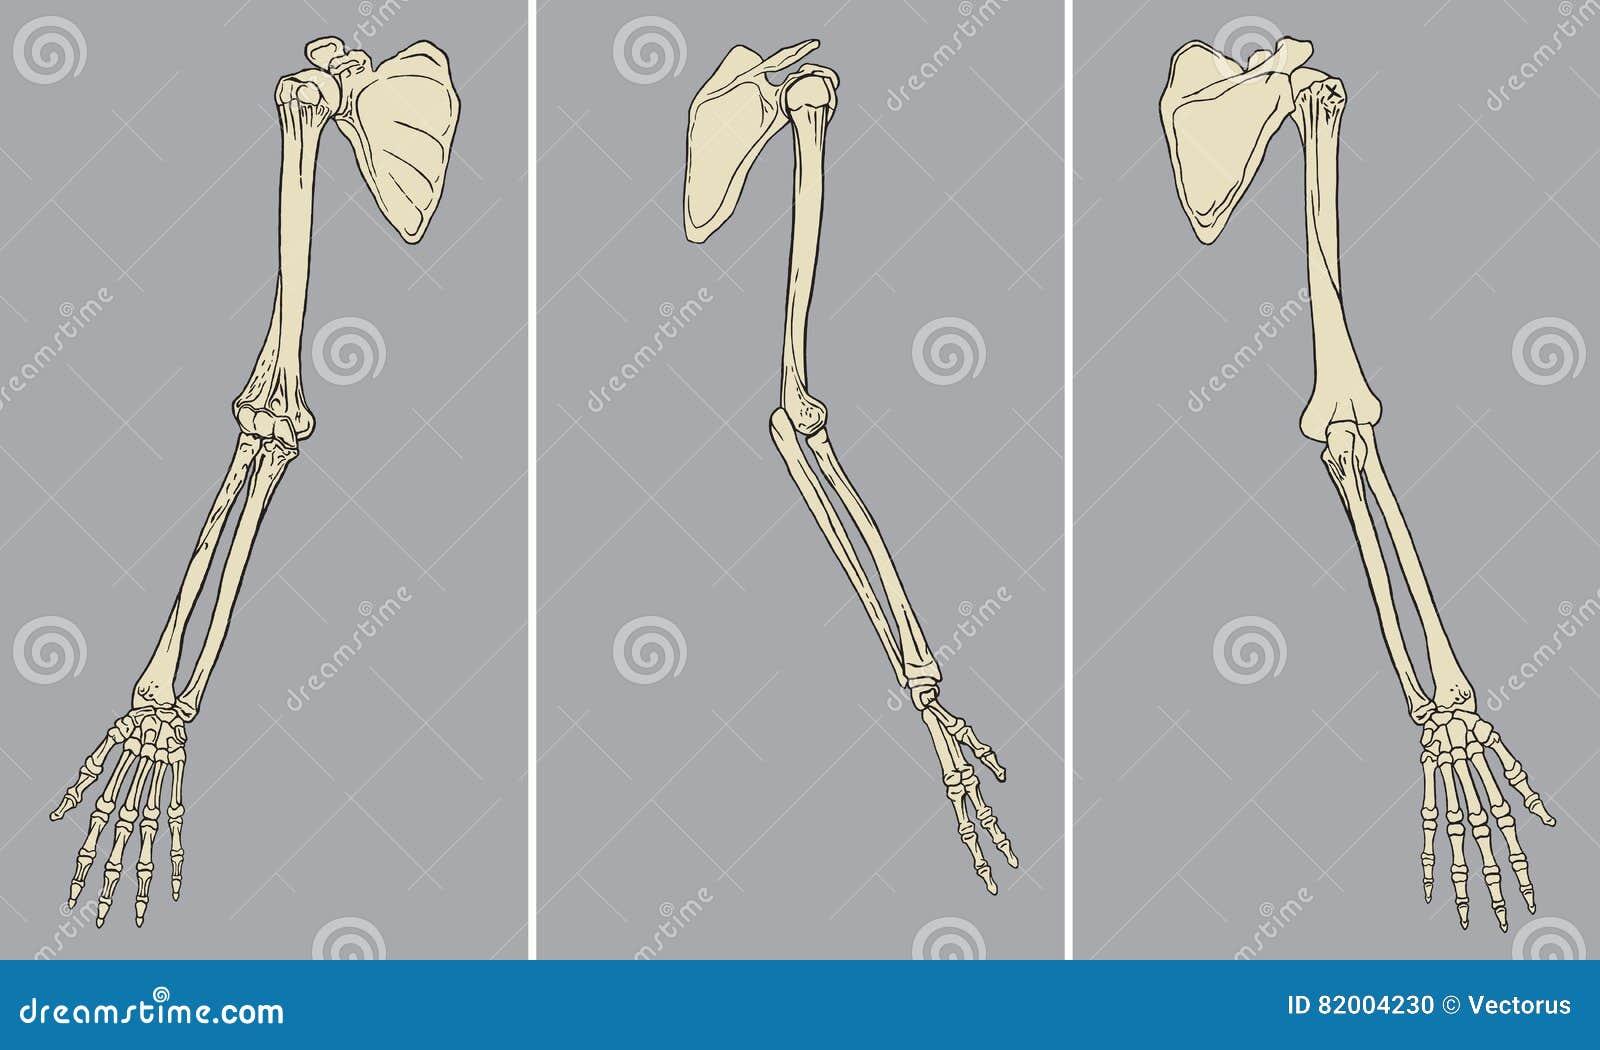 Menschlicher Arm-skelettartiger Anatomie-Satz-Vektor Vektor ...